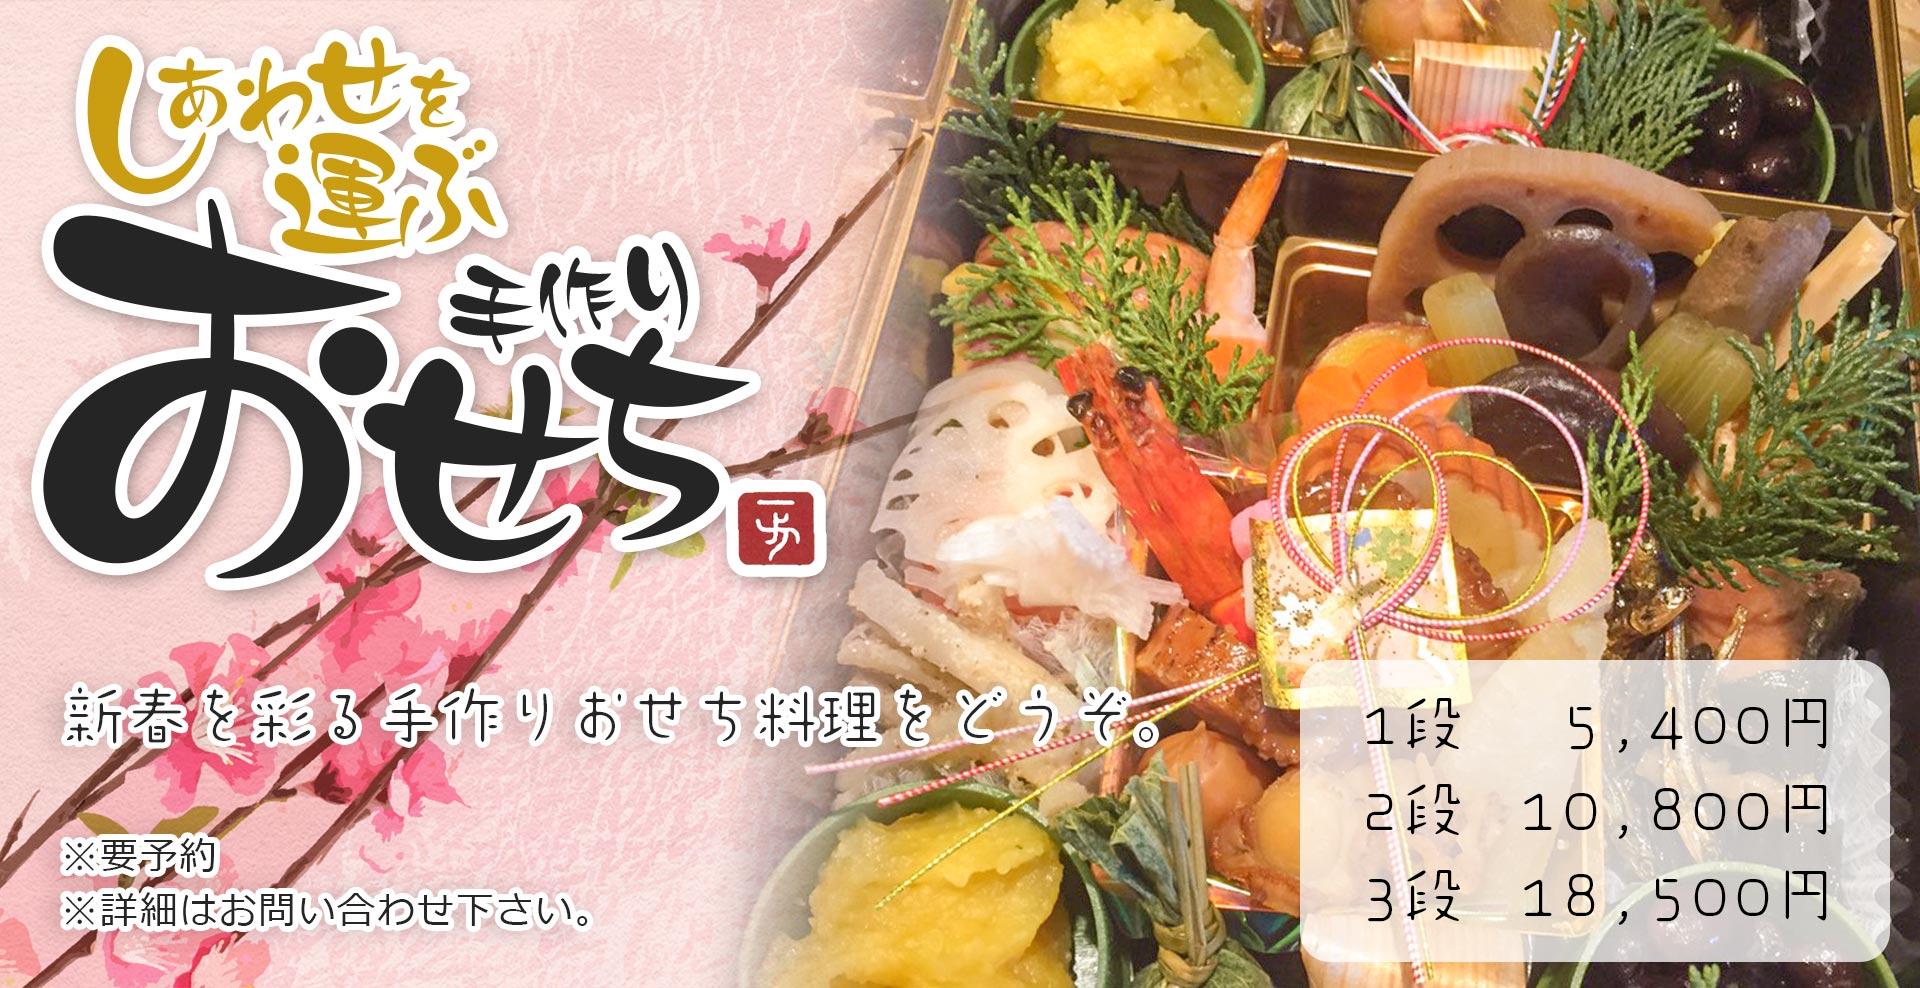 しあわせを運ぶ手作りおせち|新春を彩る手作りおせち料理をどうぞ。|※要予約※詳細はお問い合わせ下さい。